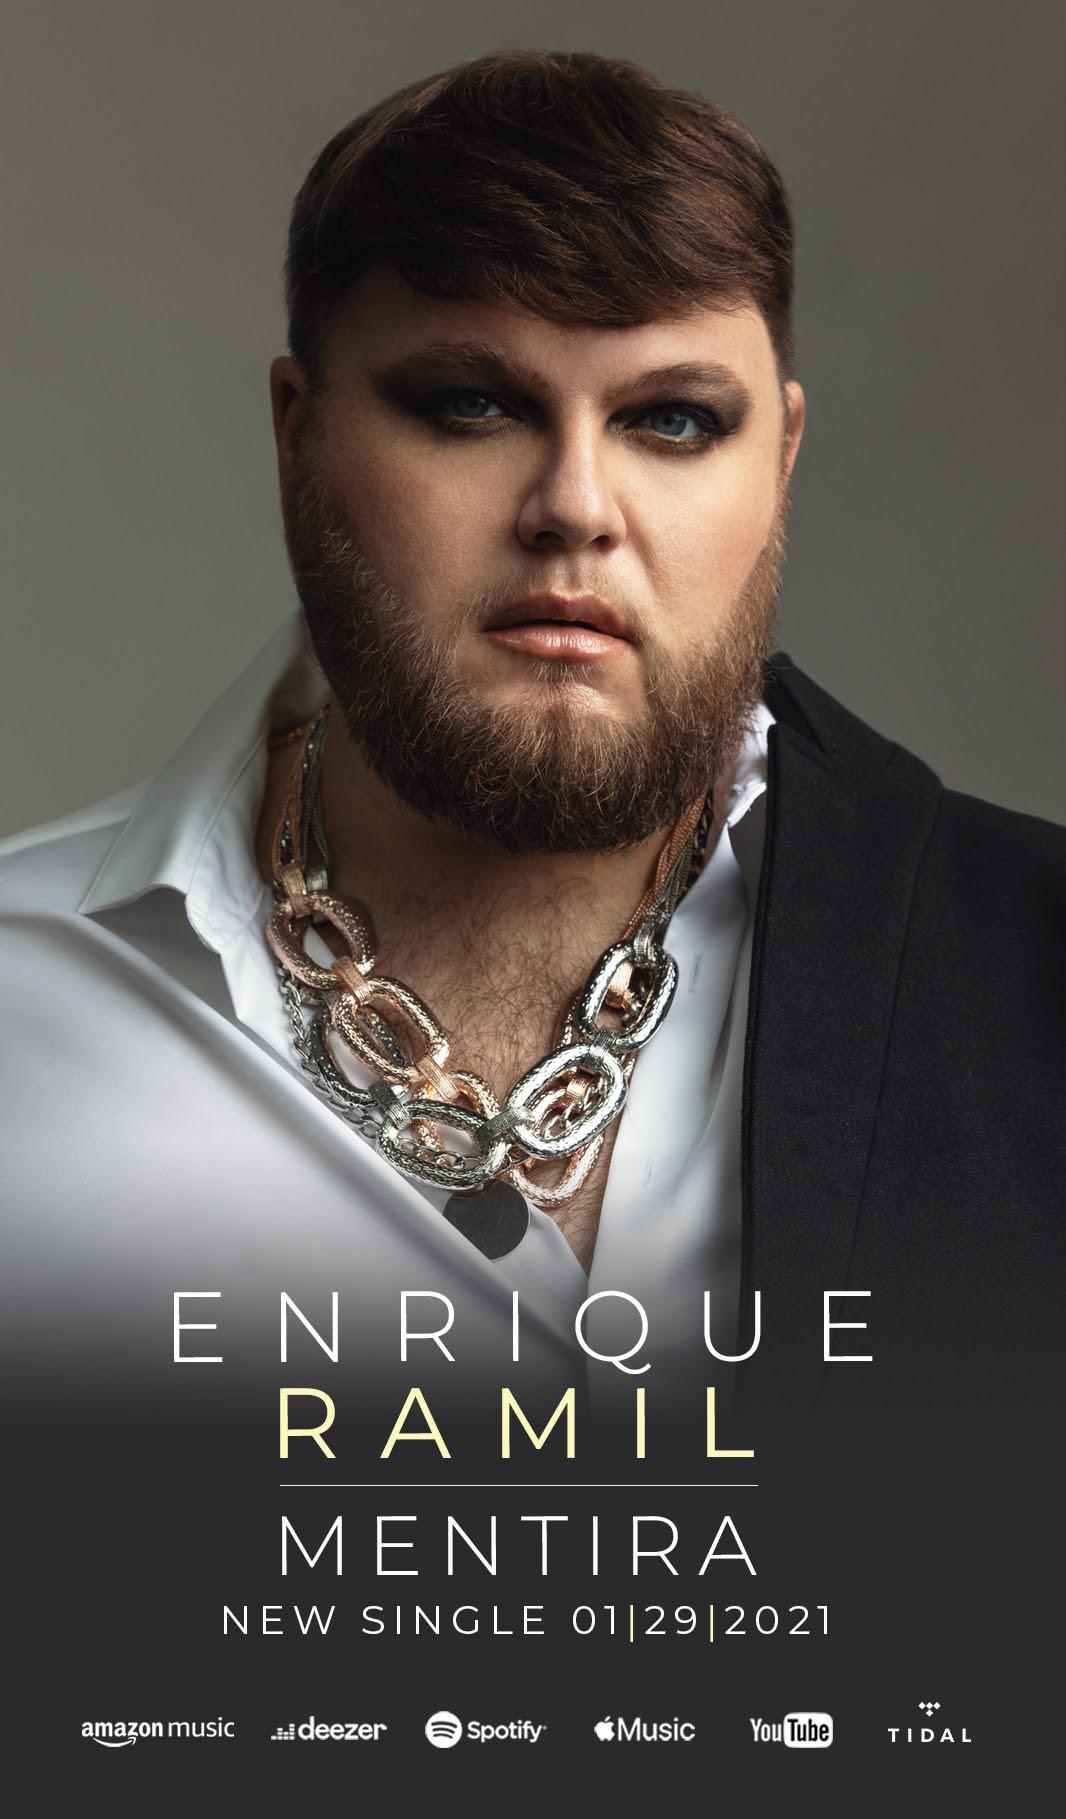 """El español Enrique Ramil presenta el sencillo """"Mentira"""", con producción del dúo SanLui"""